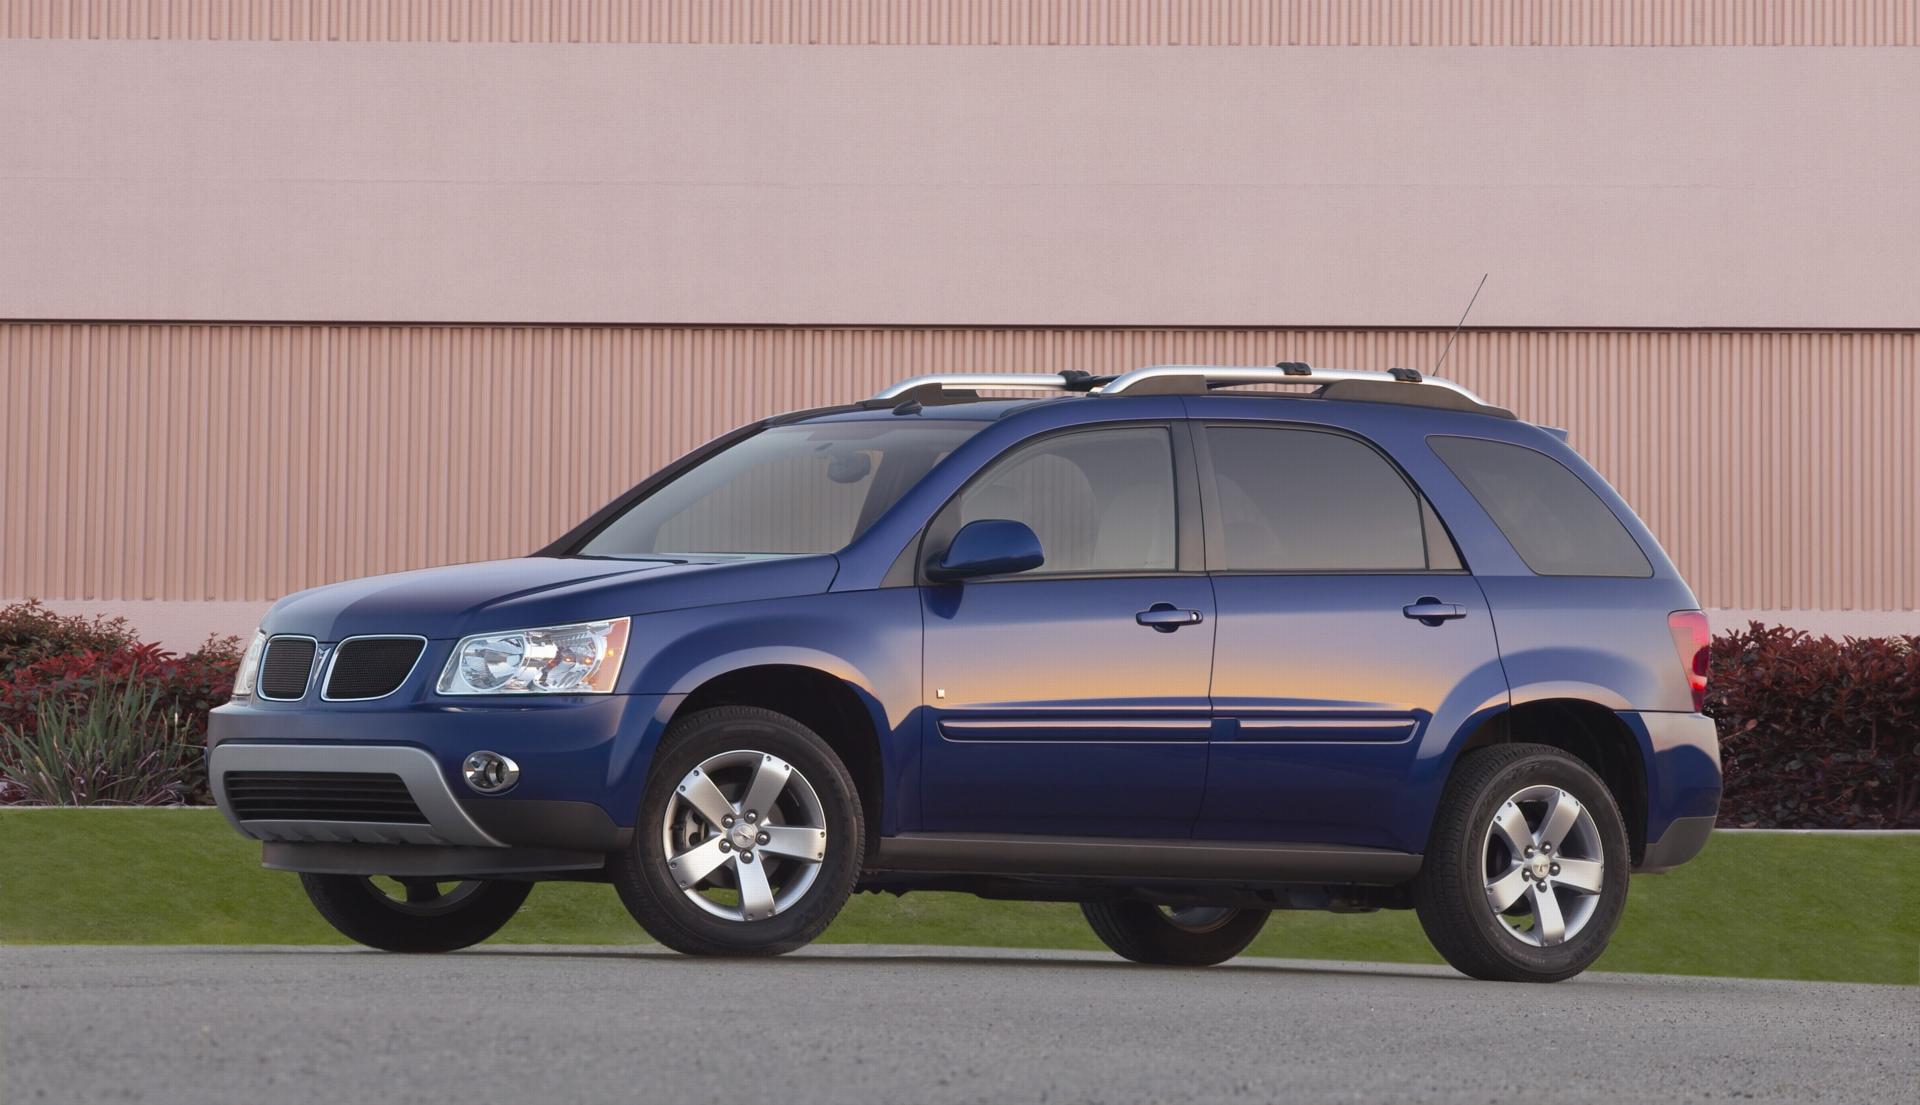 2008 Pontiac Torrent - conceptcarz.com